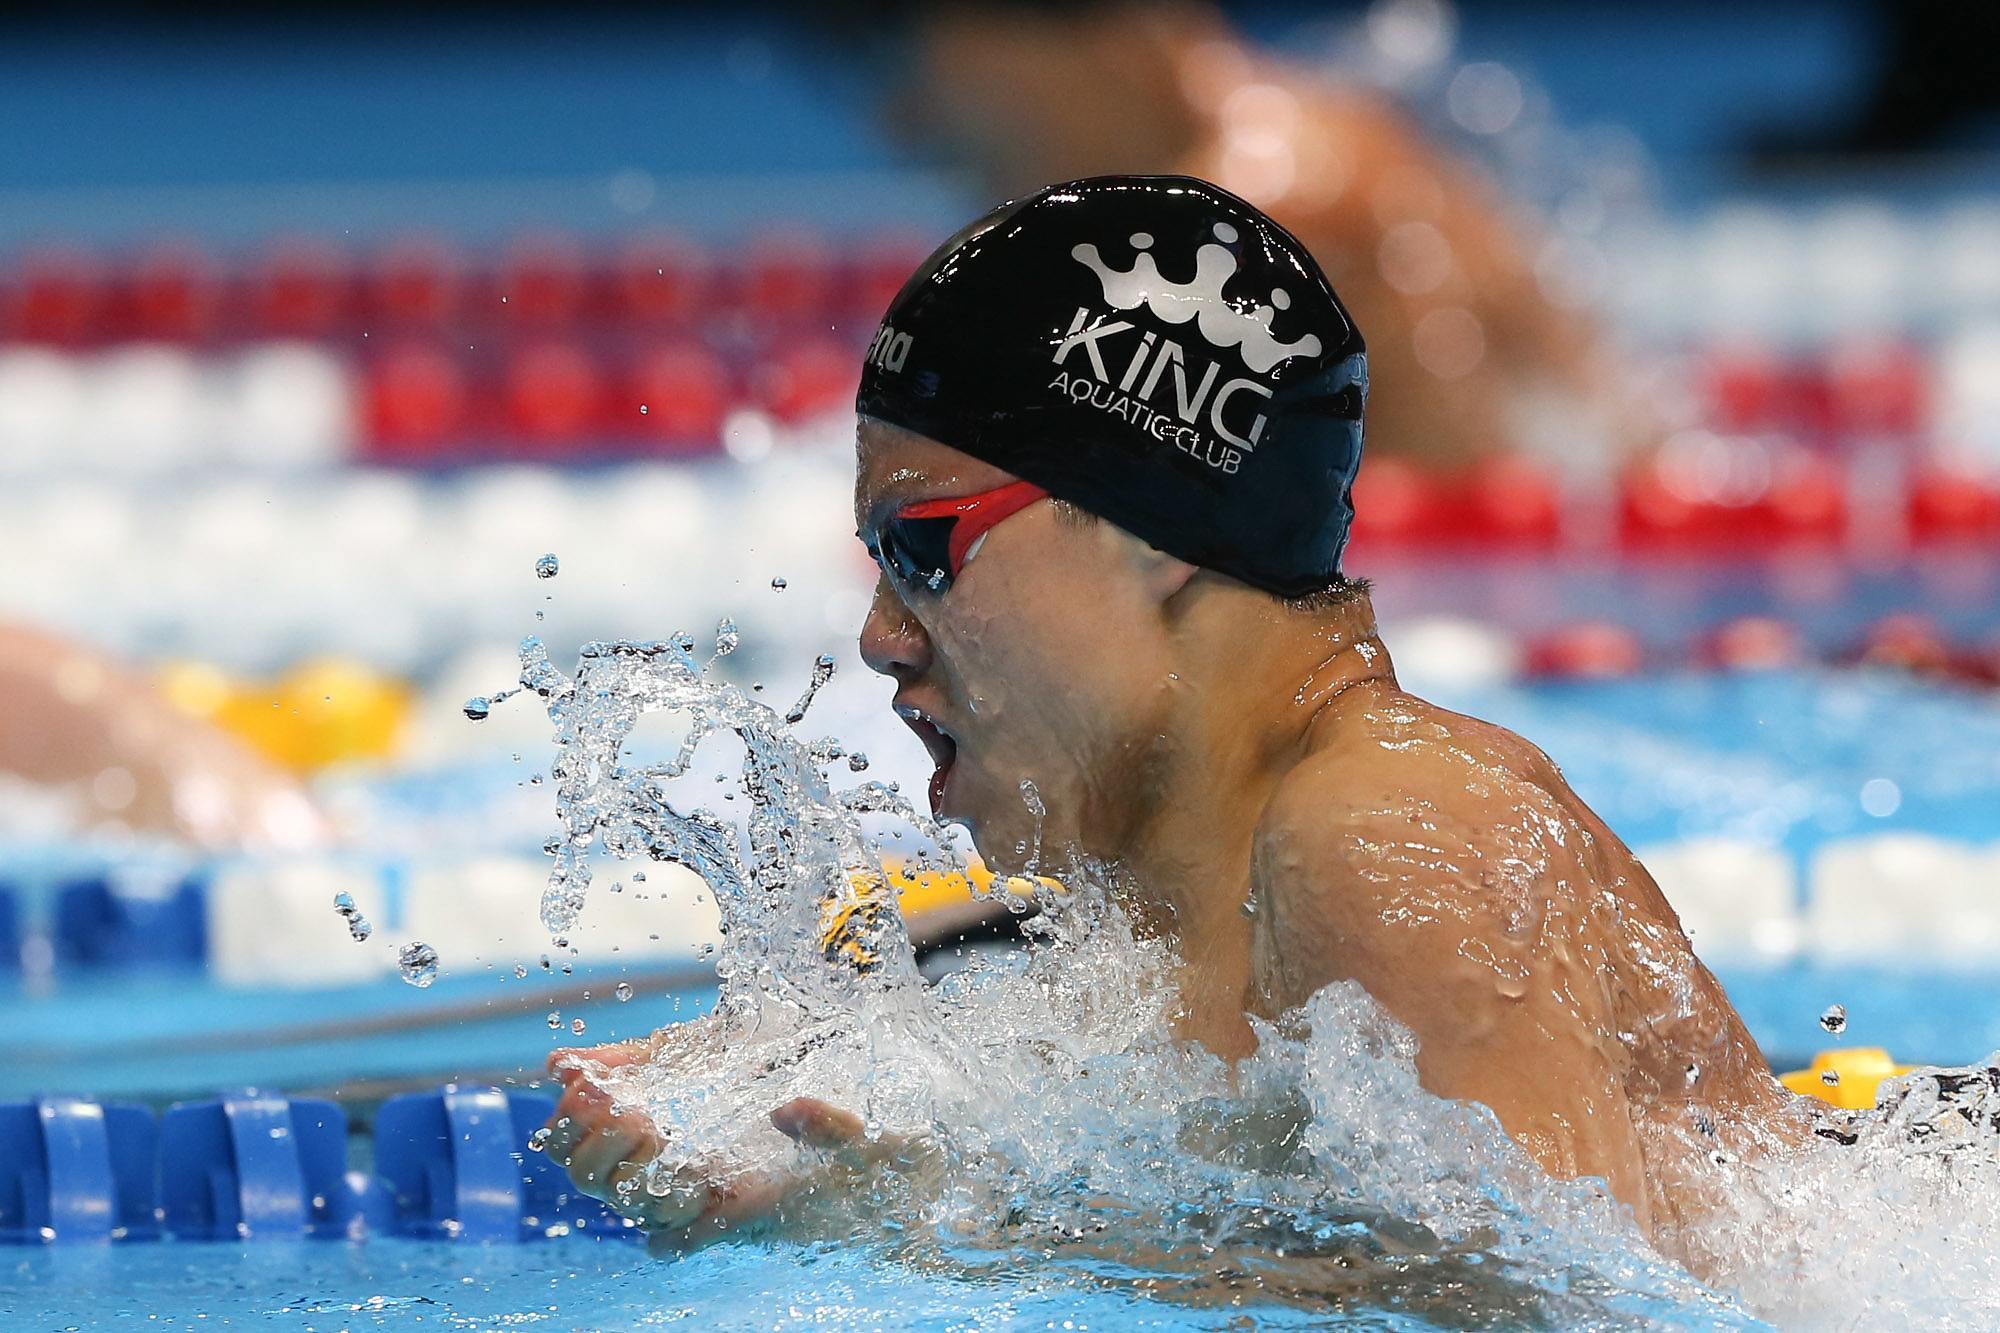 Резултат с изображение за ethan dang swimming